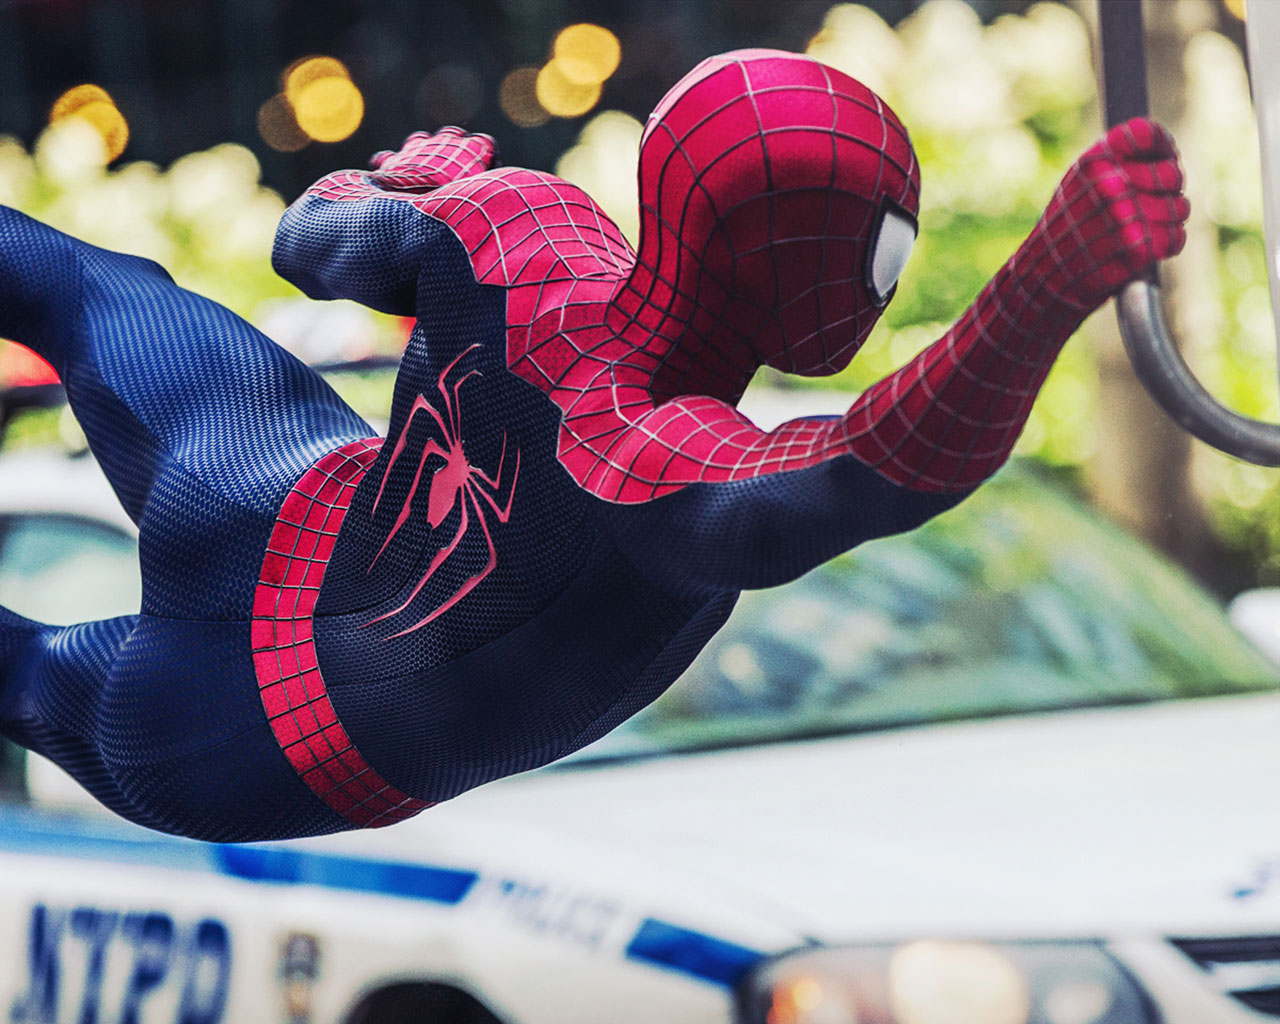 Смотреть онлайн новый человек паук высокое напряжение, Новый Человек-паук 5: Высокое напряжение 14 фотография